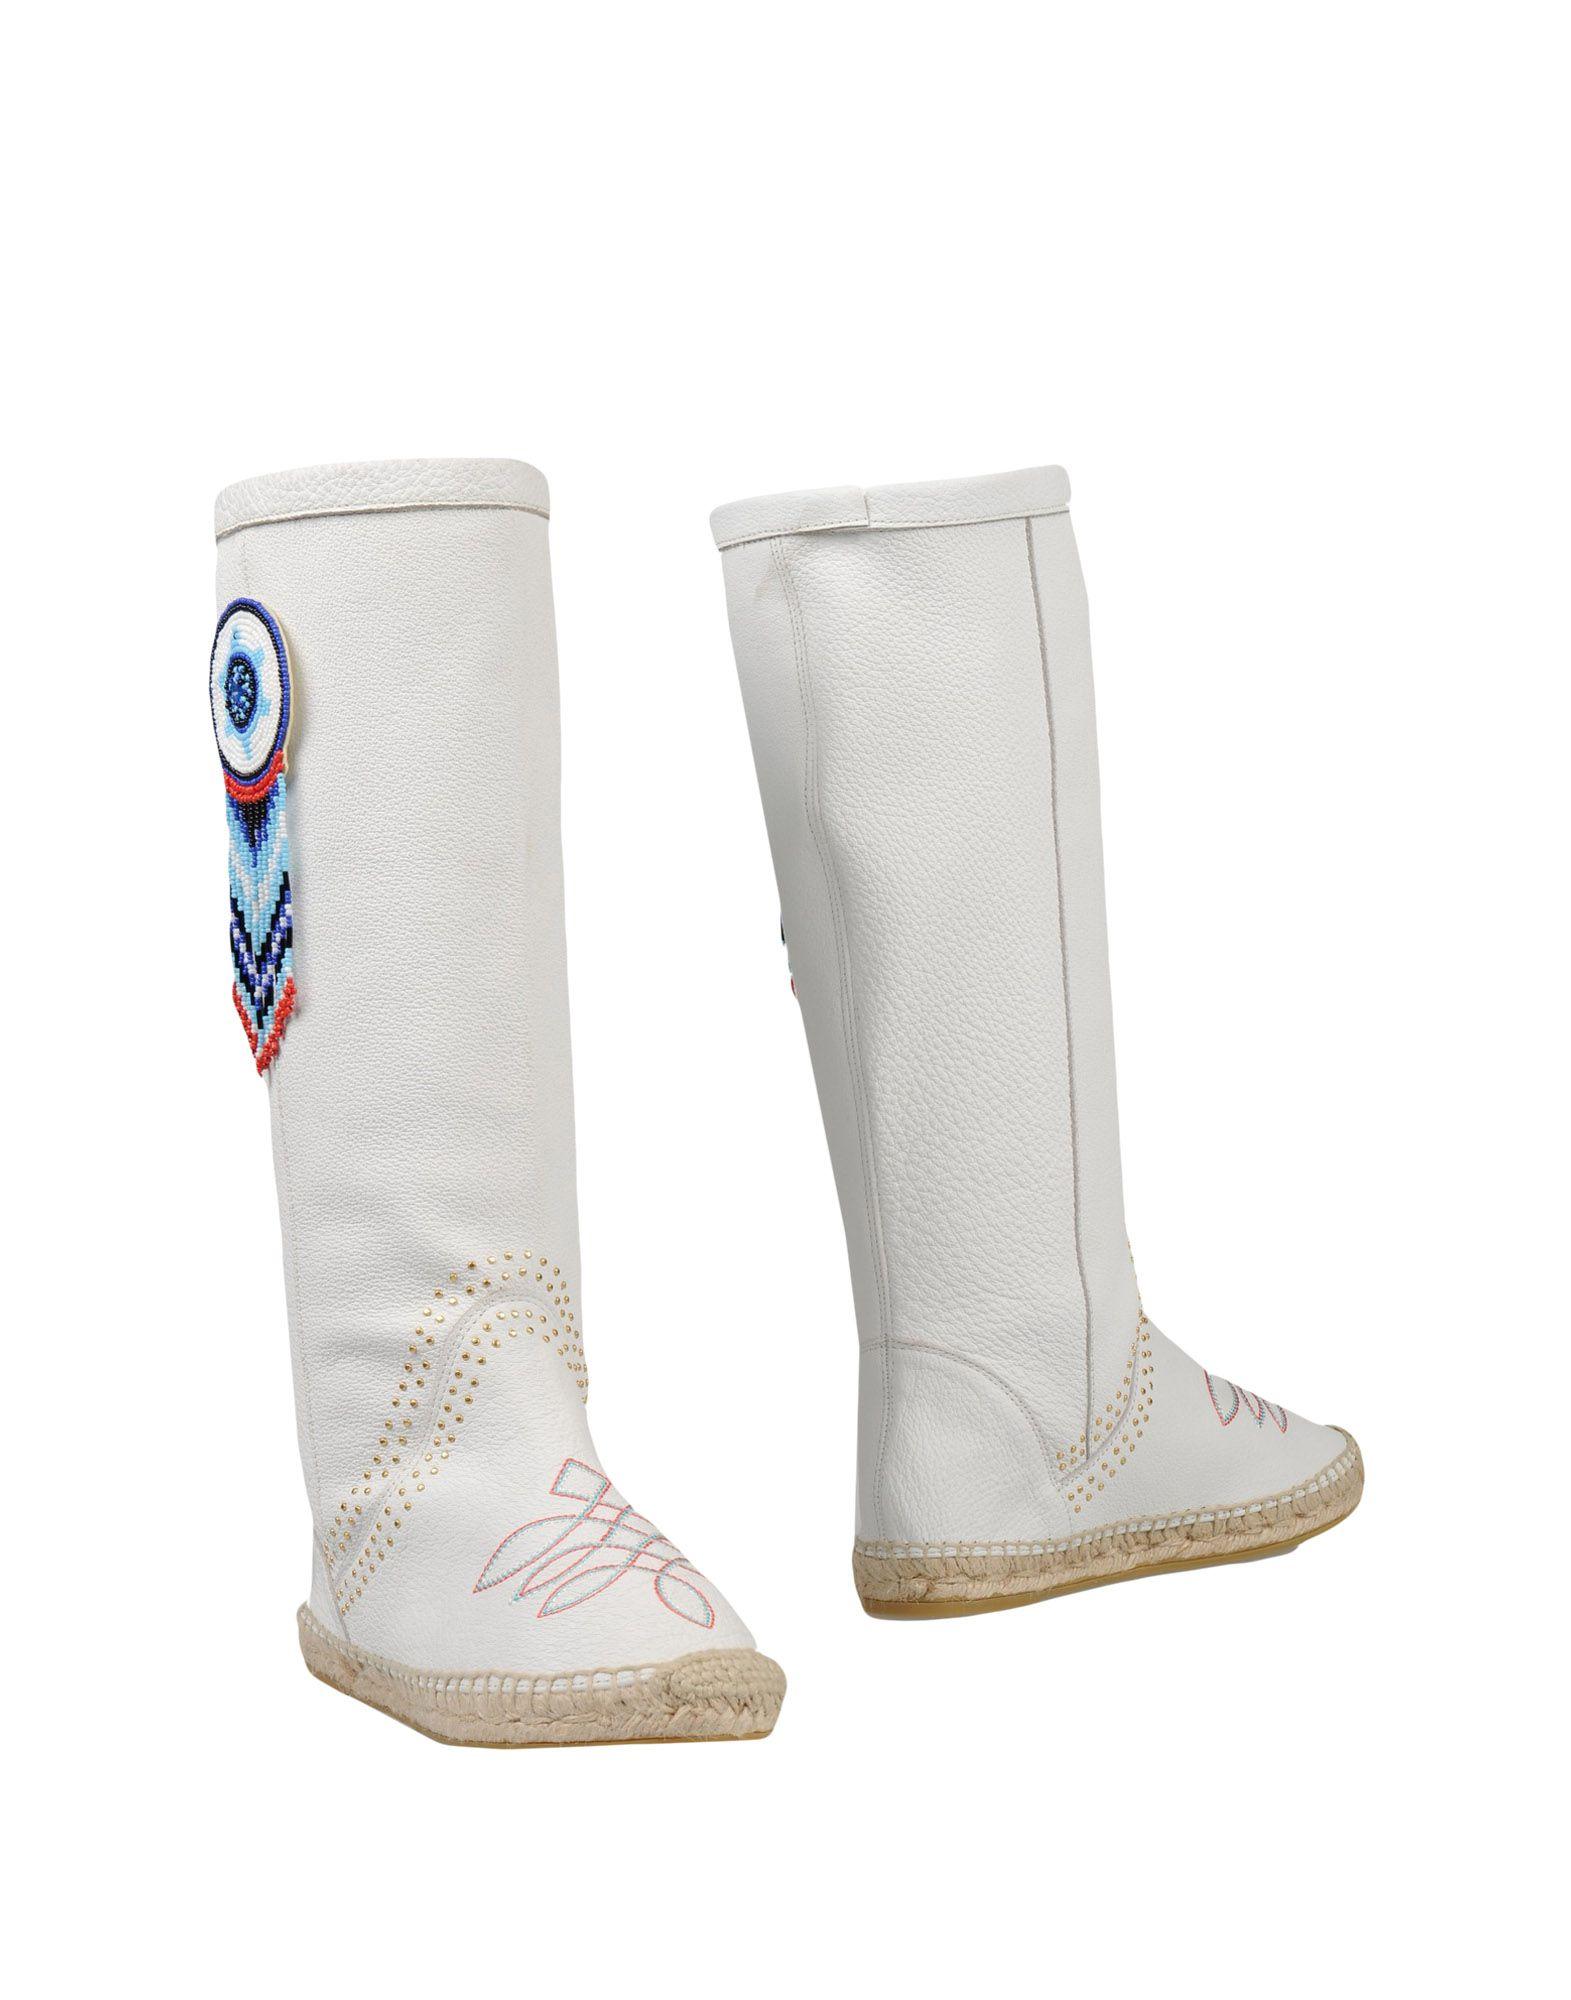 Ras Stiefel Damen  11416622US Gute Qualität beliebte Schuhe